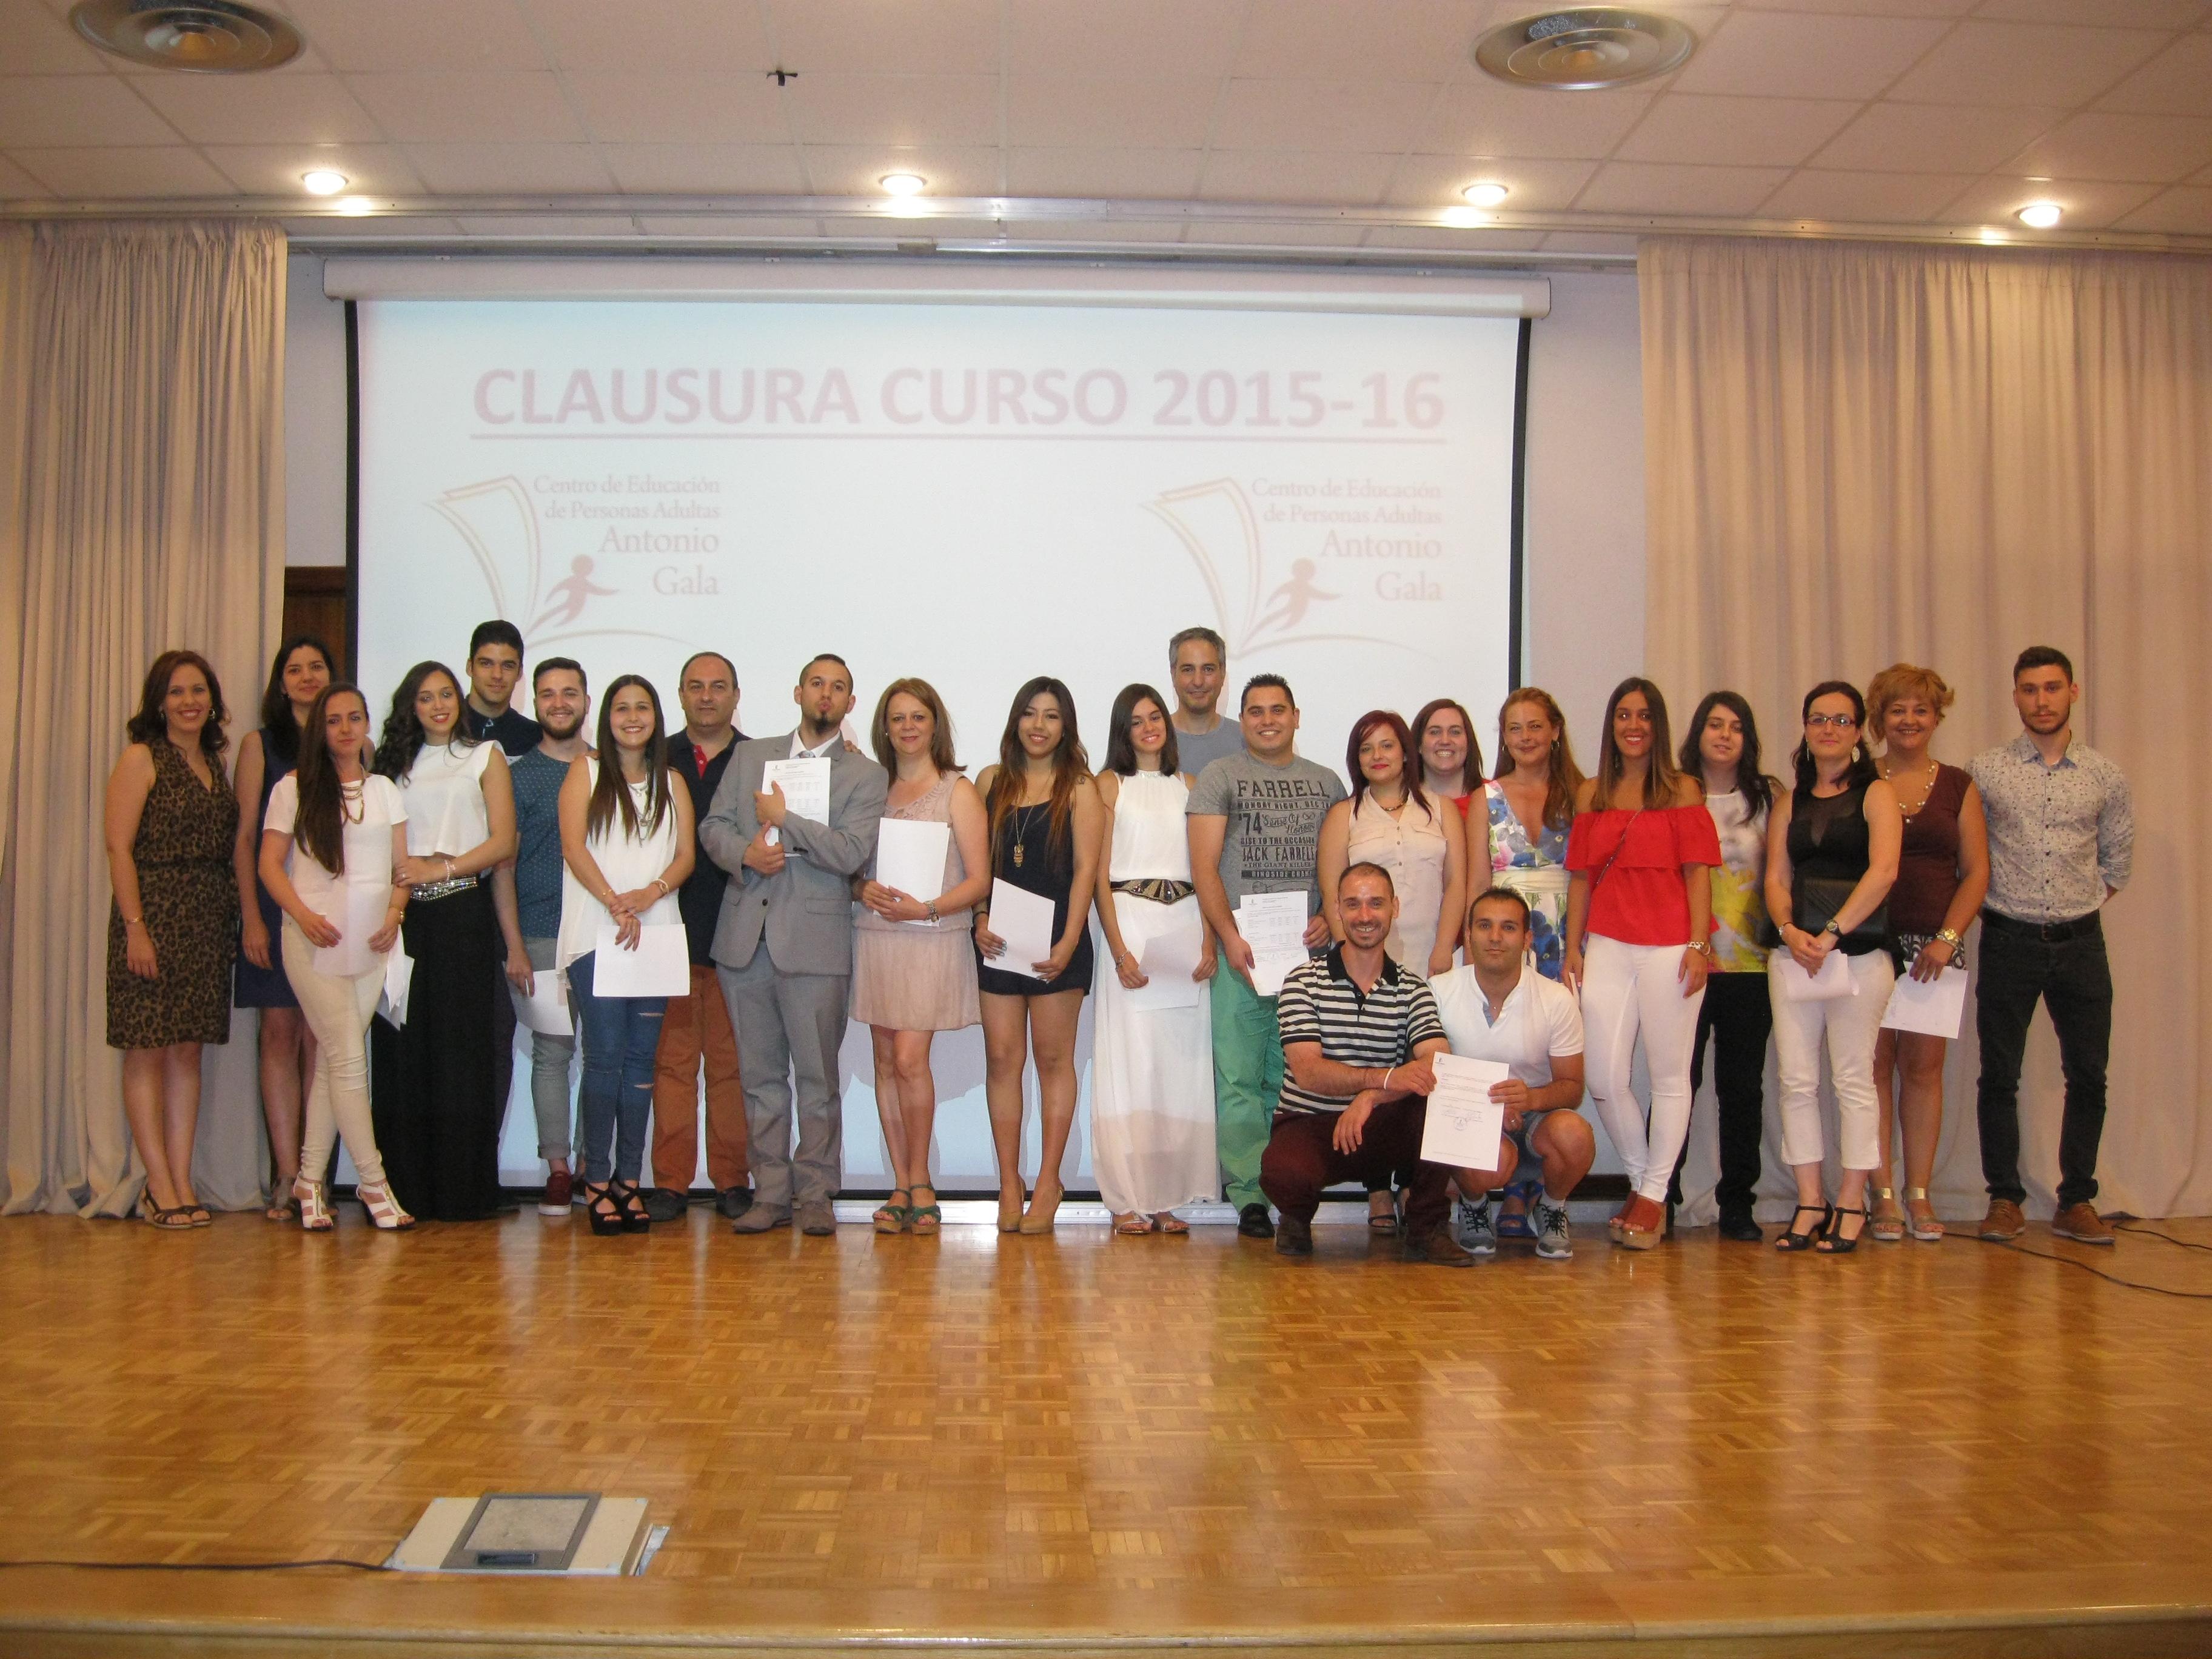 ACTO DE CLAUSURA DEL CURSO 2015-16